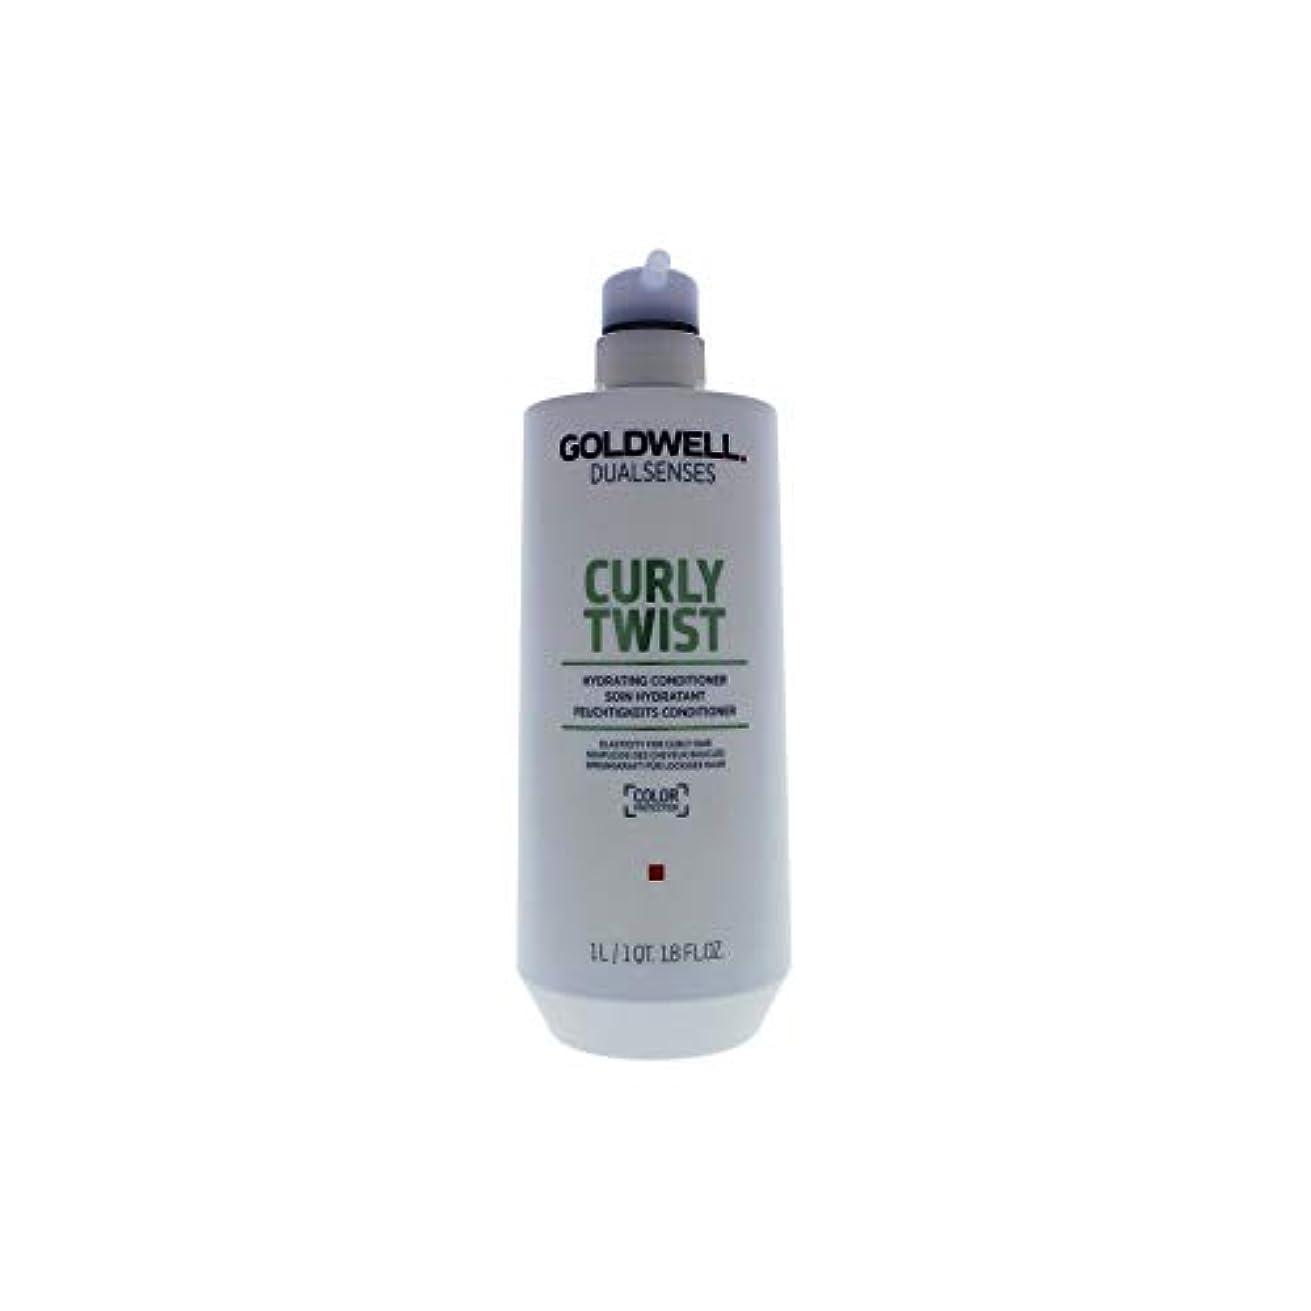 権限を与えるハーネス評決ゴールドウェル Dual Senses Curly Twist Hydrating Conditioner (Elasticity For Curly Hair) 1000ml